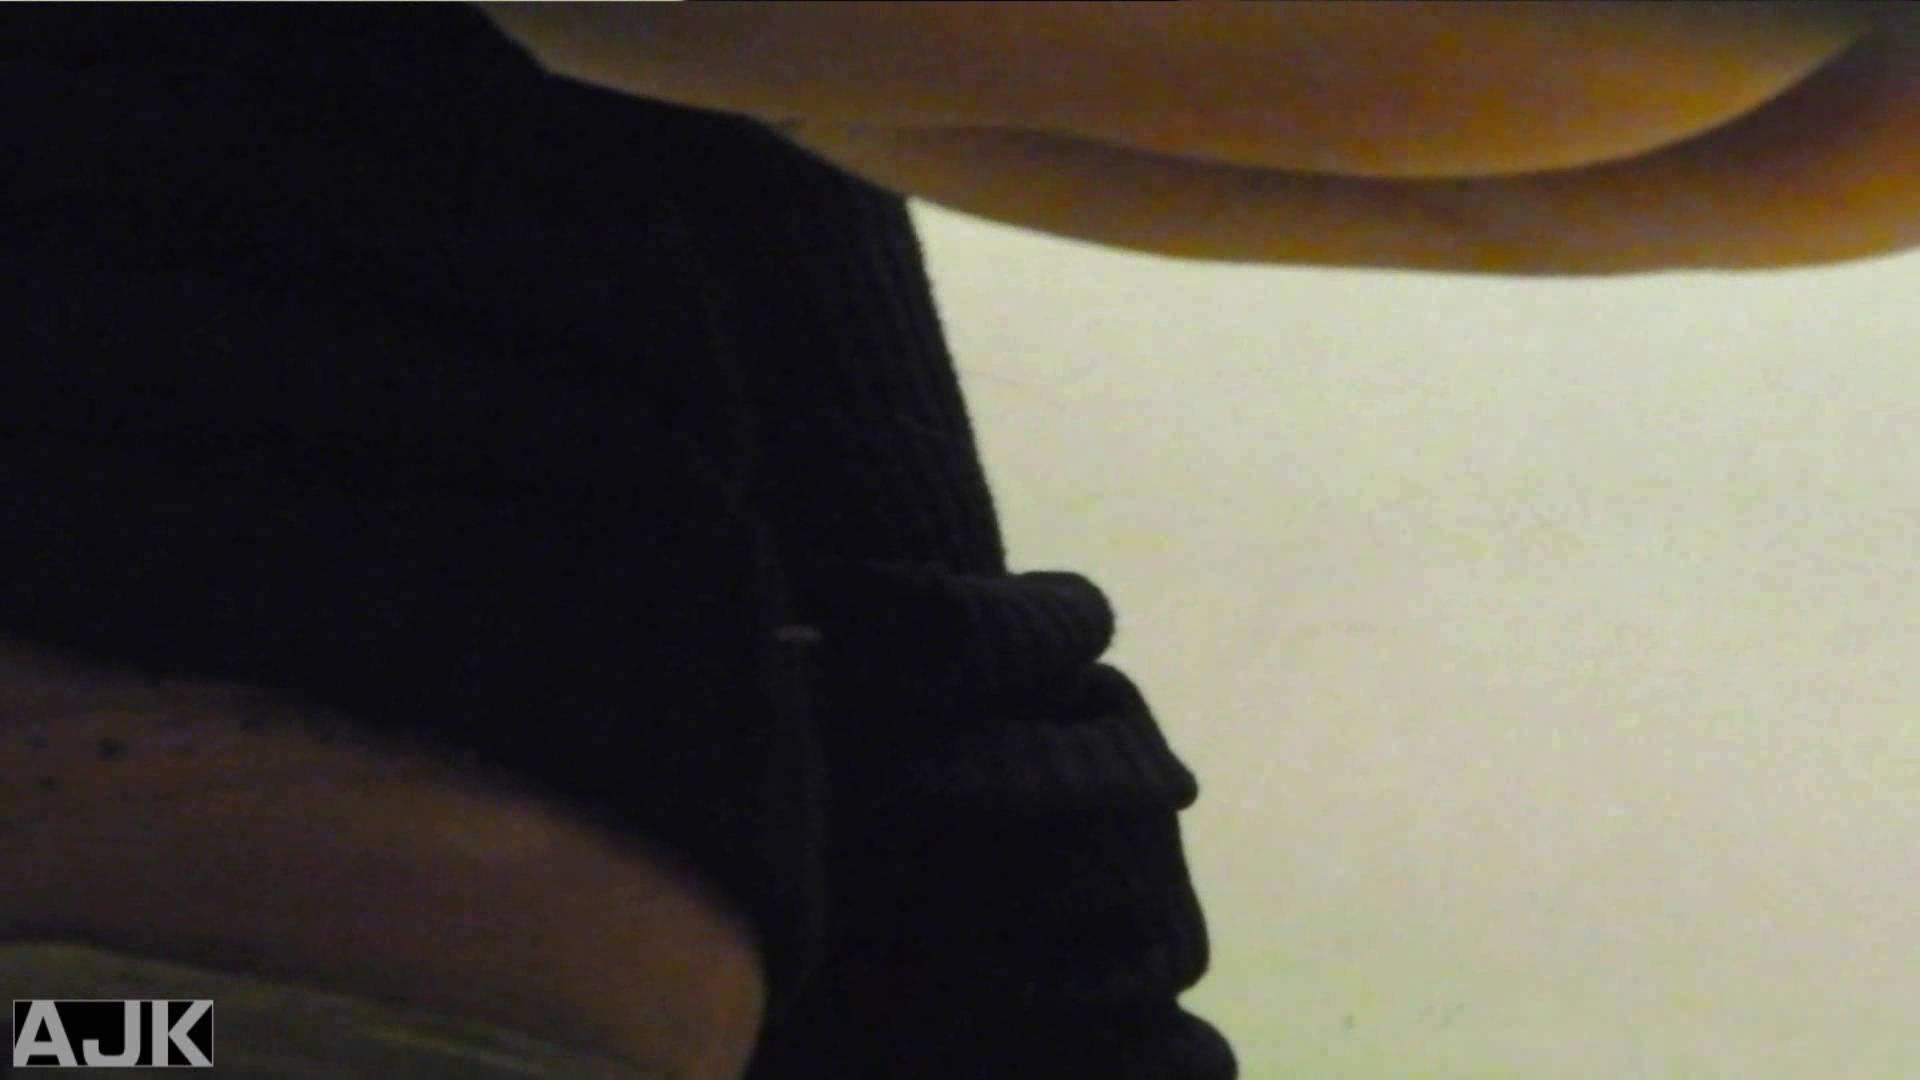 隣国上階級エリアの令嬢たちが集うデパートお手洗い Vol.14 お嬢様  78PIX 77